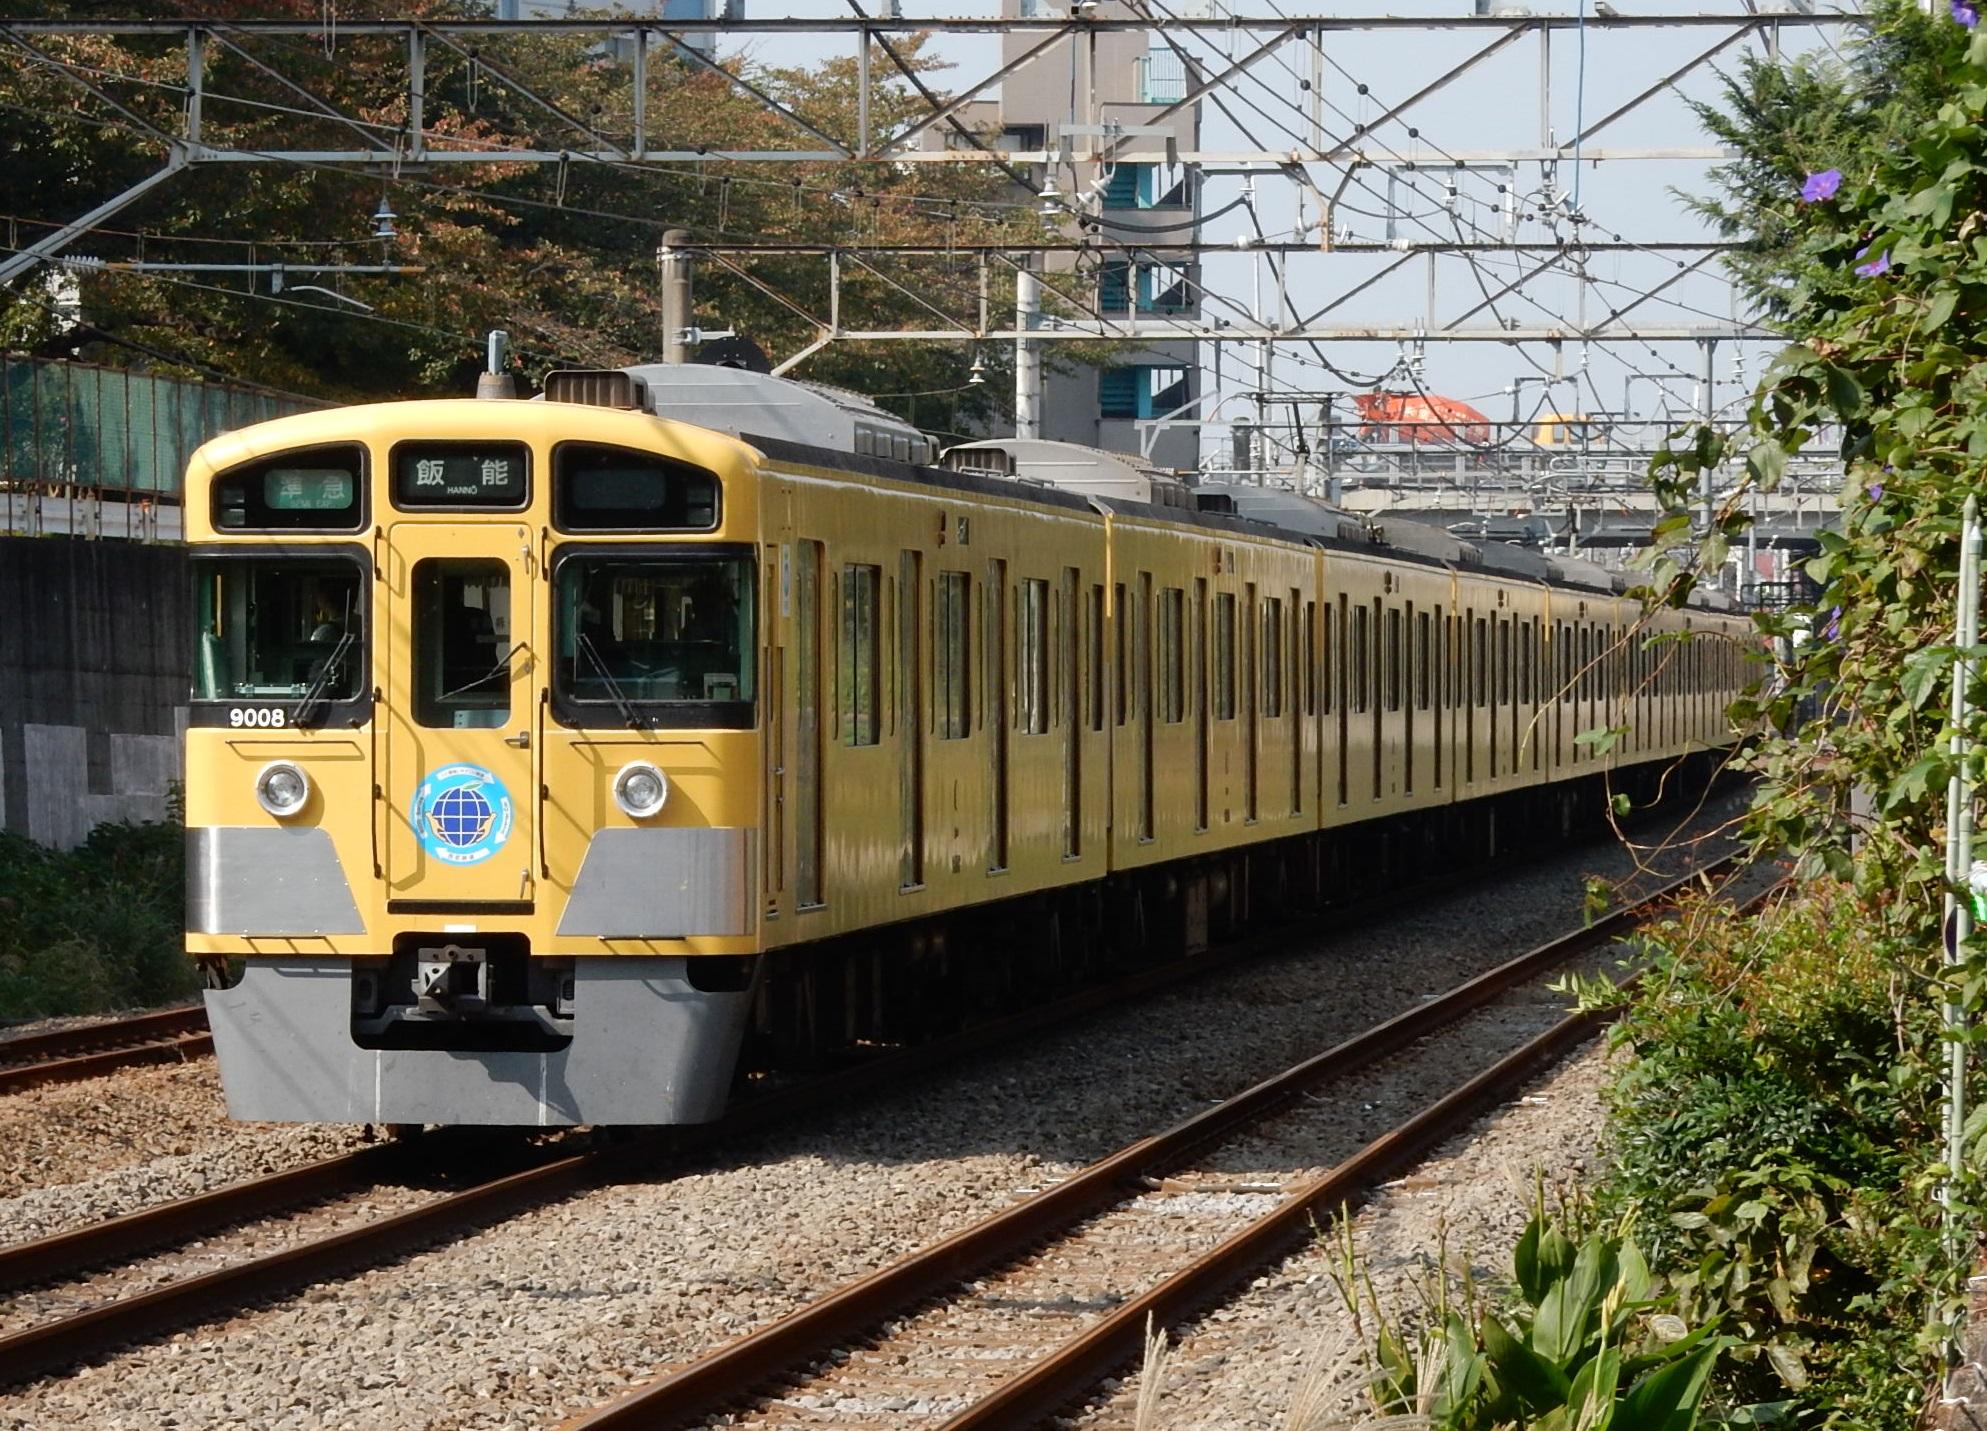 DSCN6604.jpg